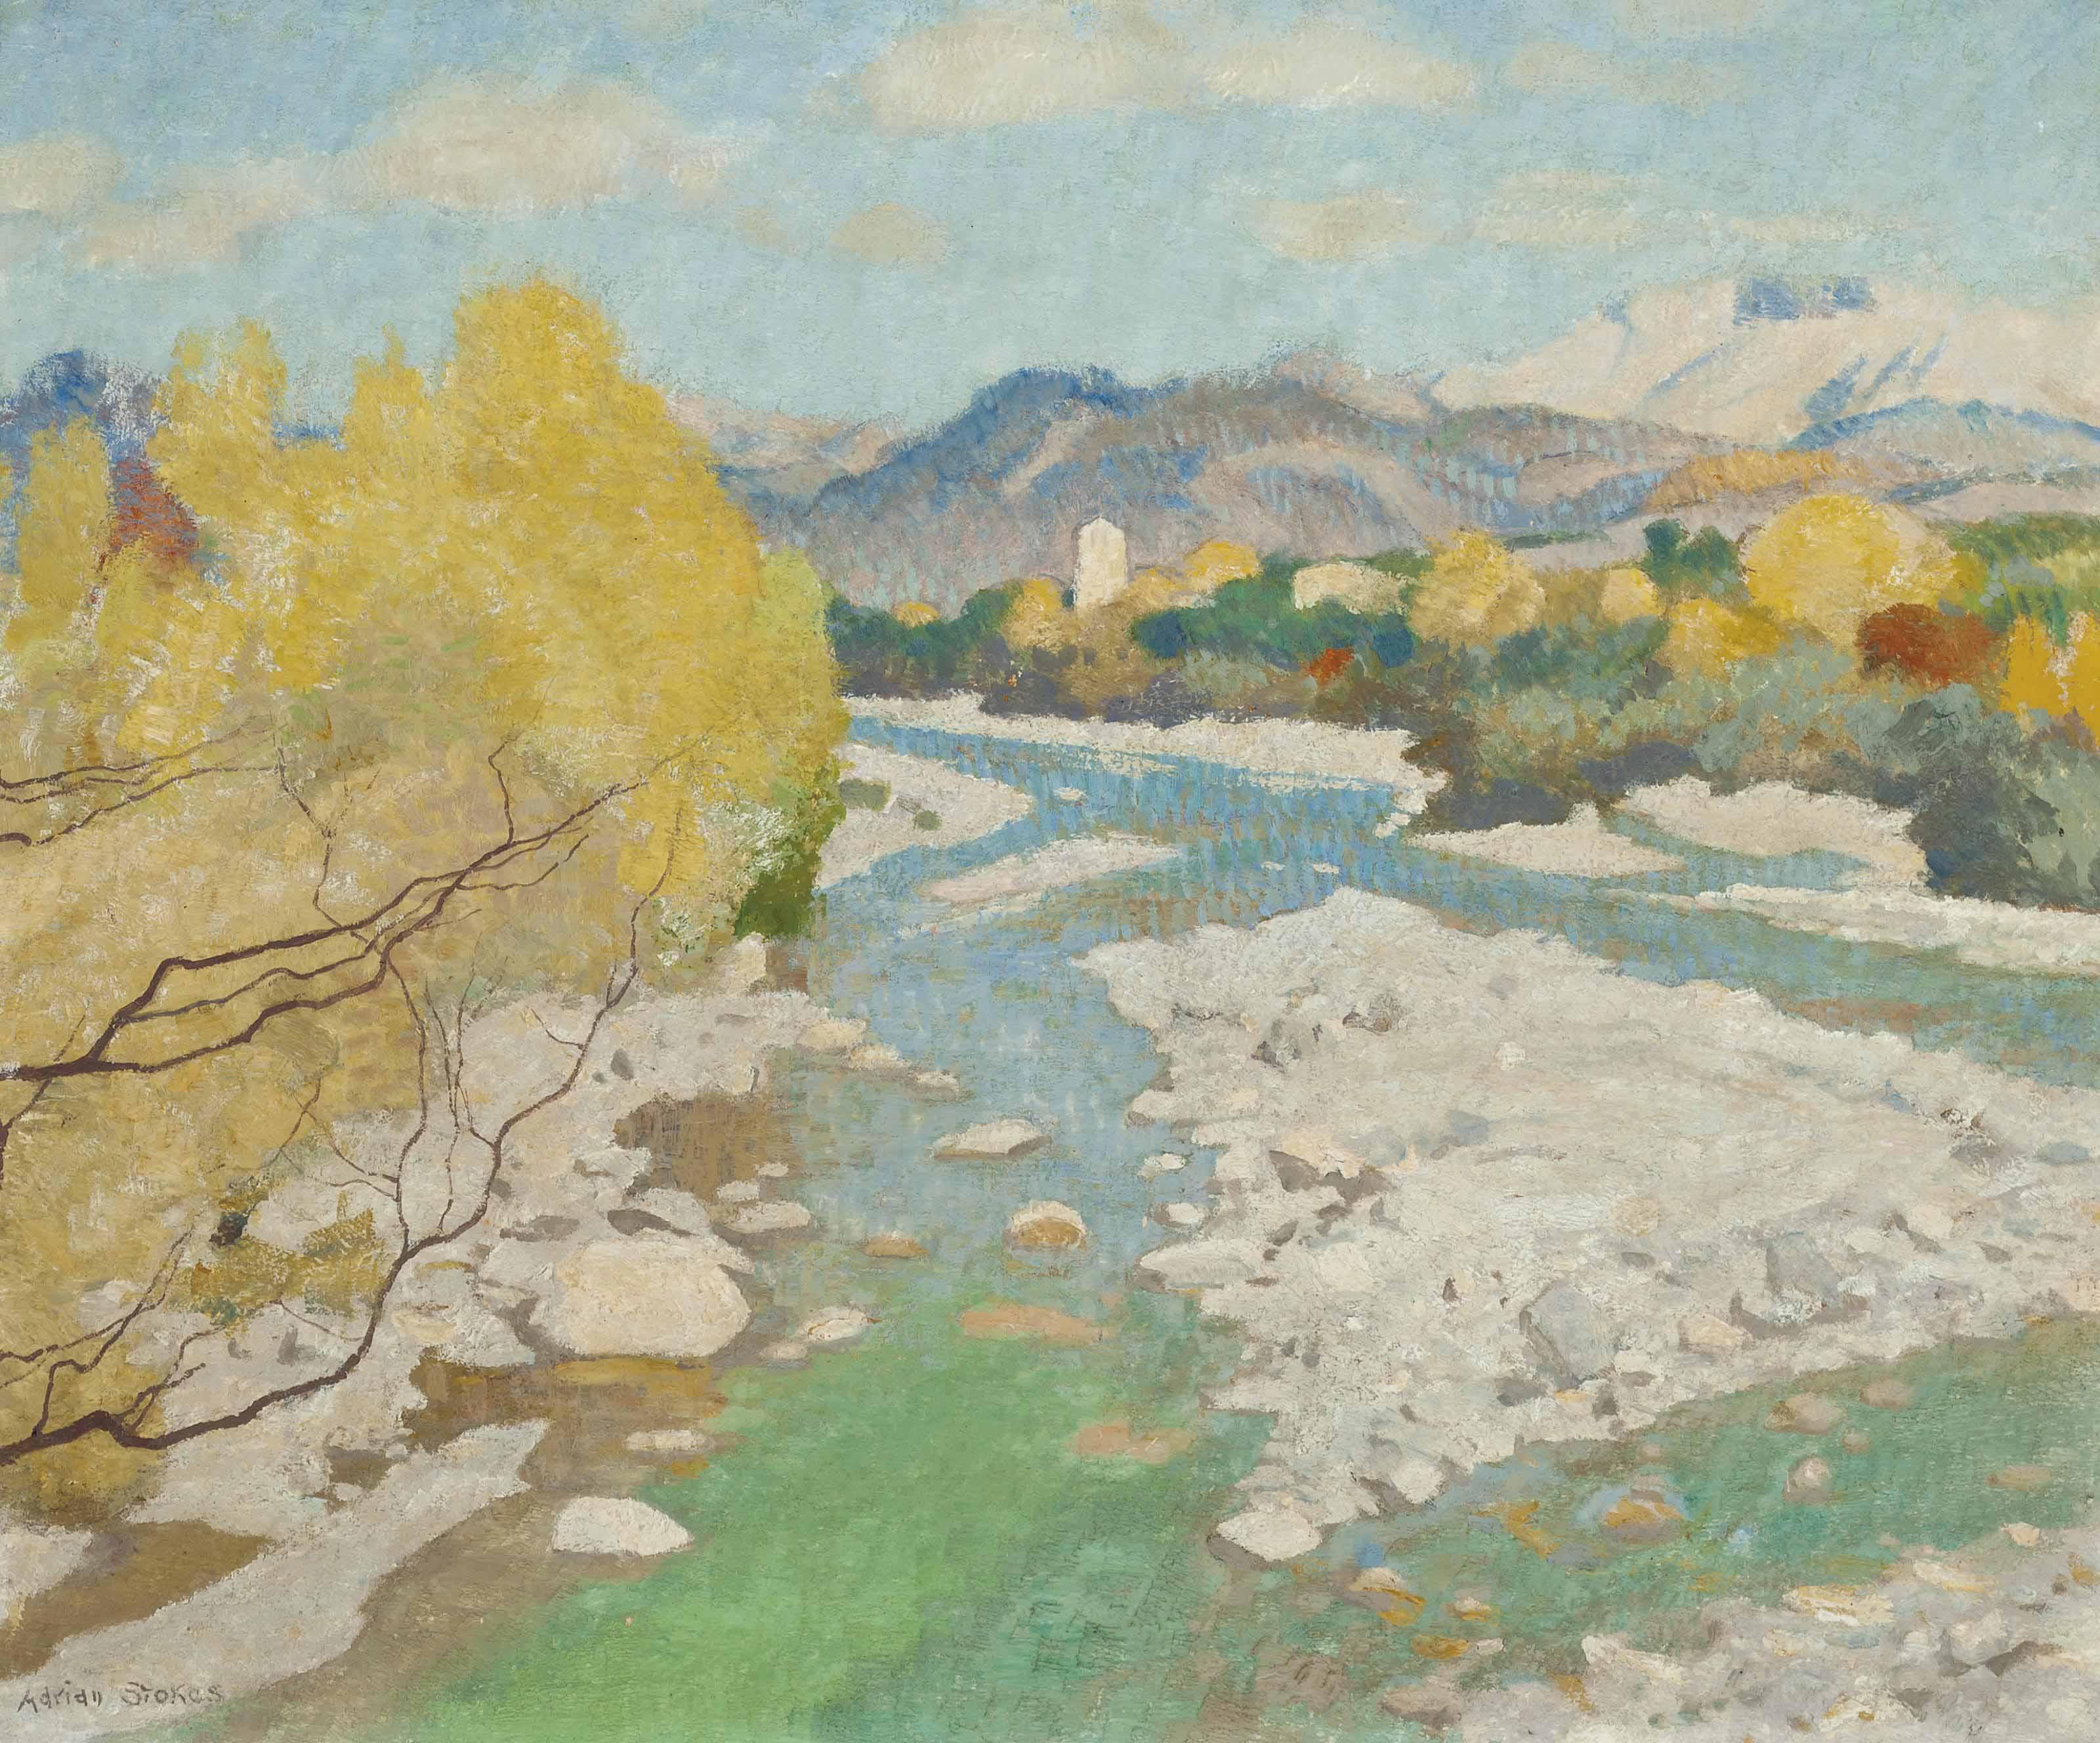 River landscape, France